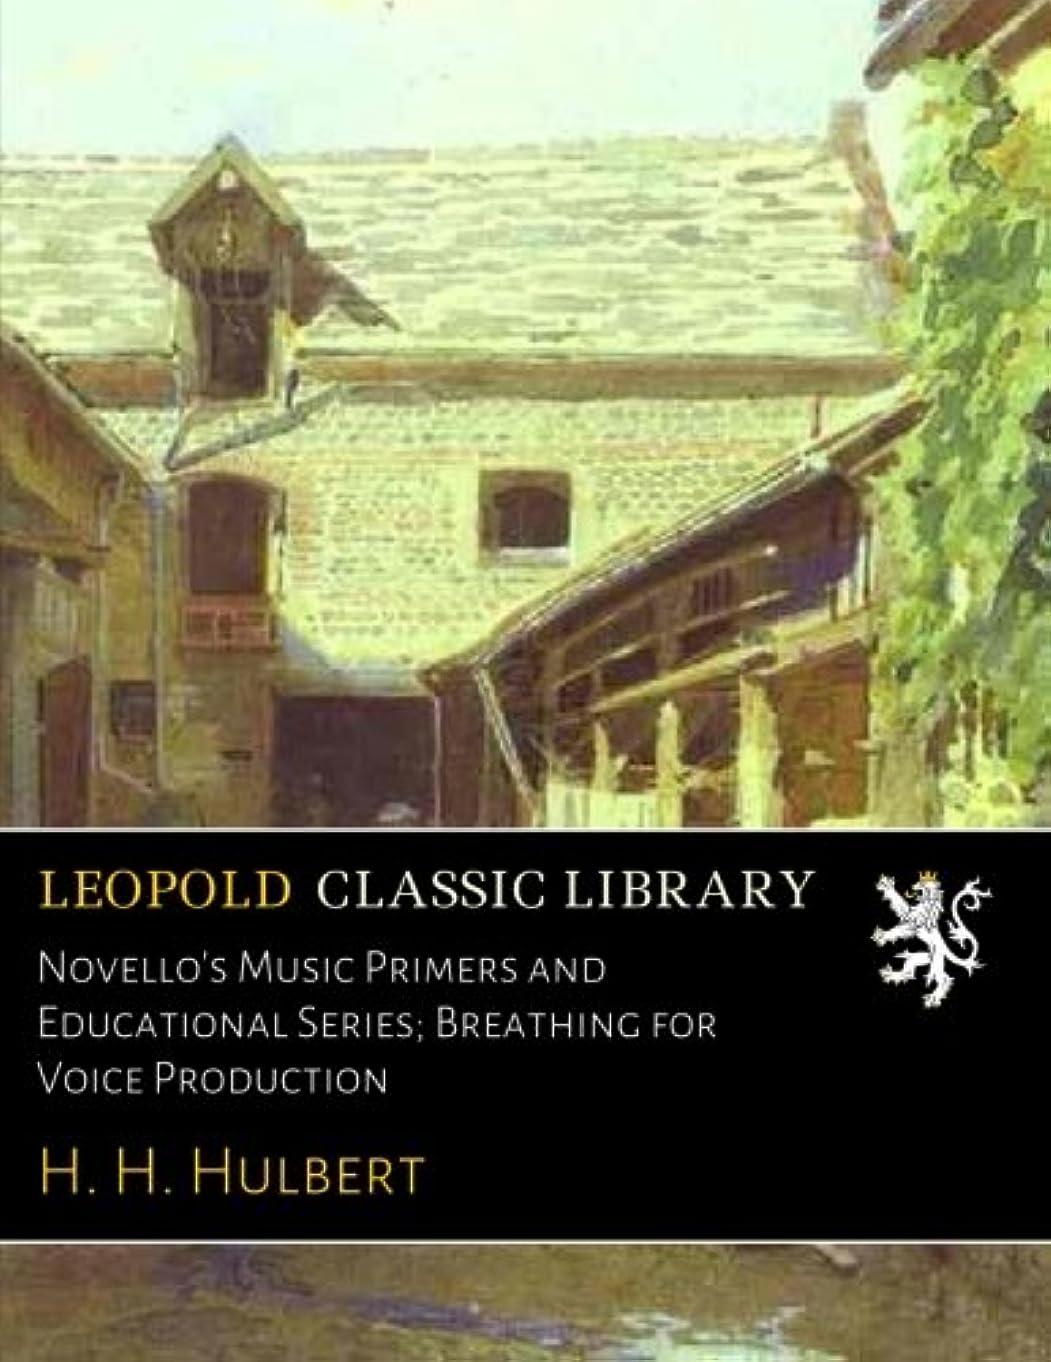 強度懲戒筋肉のNovello's Music Primers and Educational Series; Breathing for Voice Production